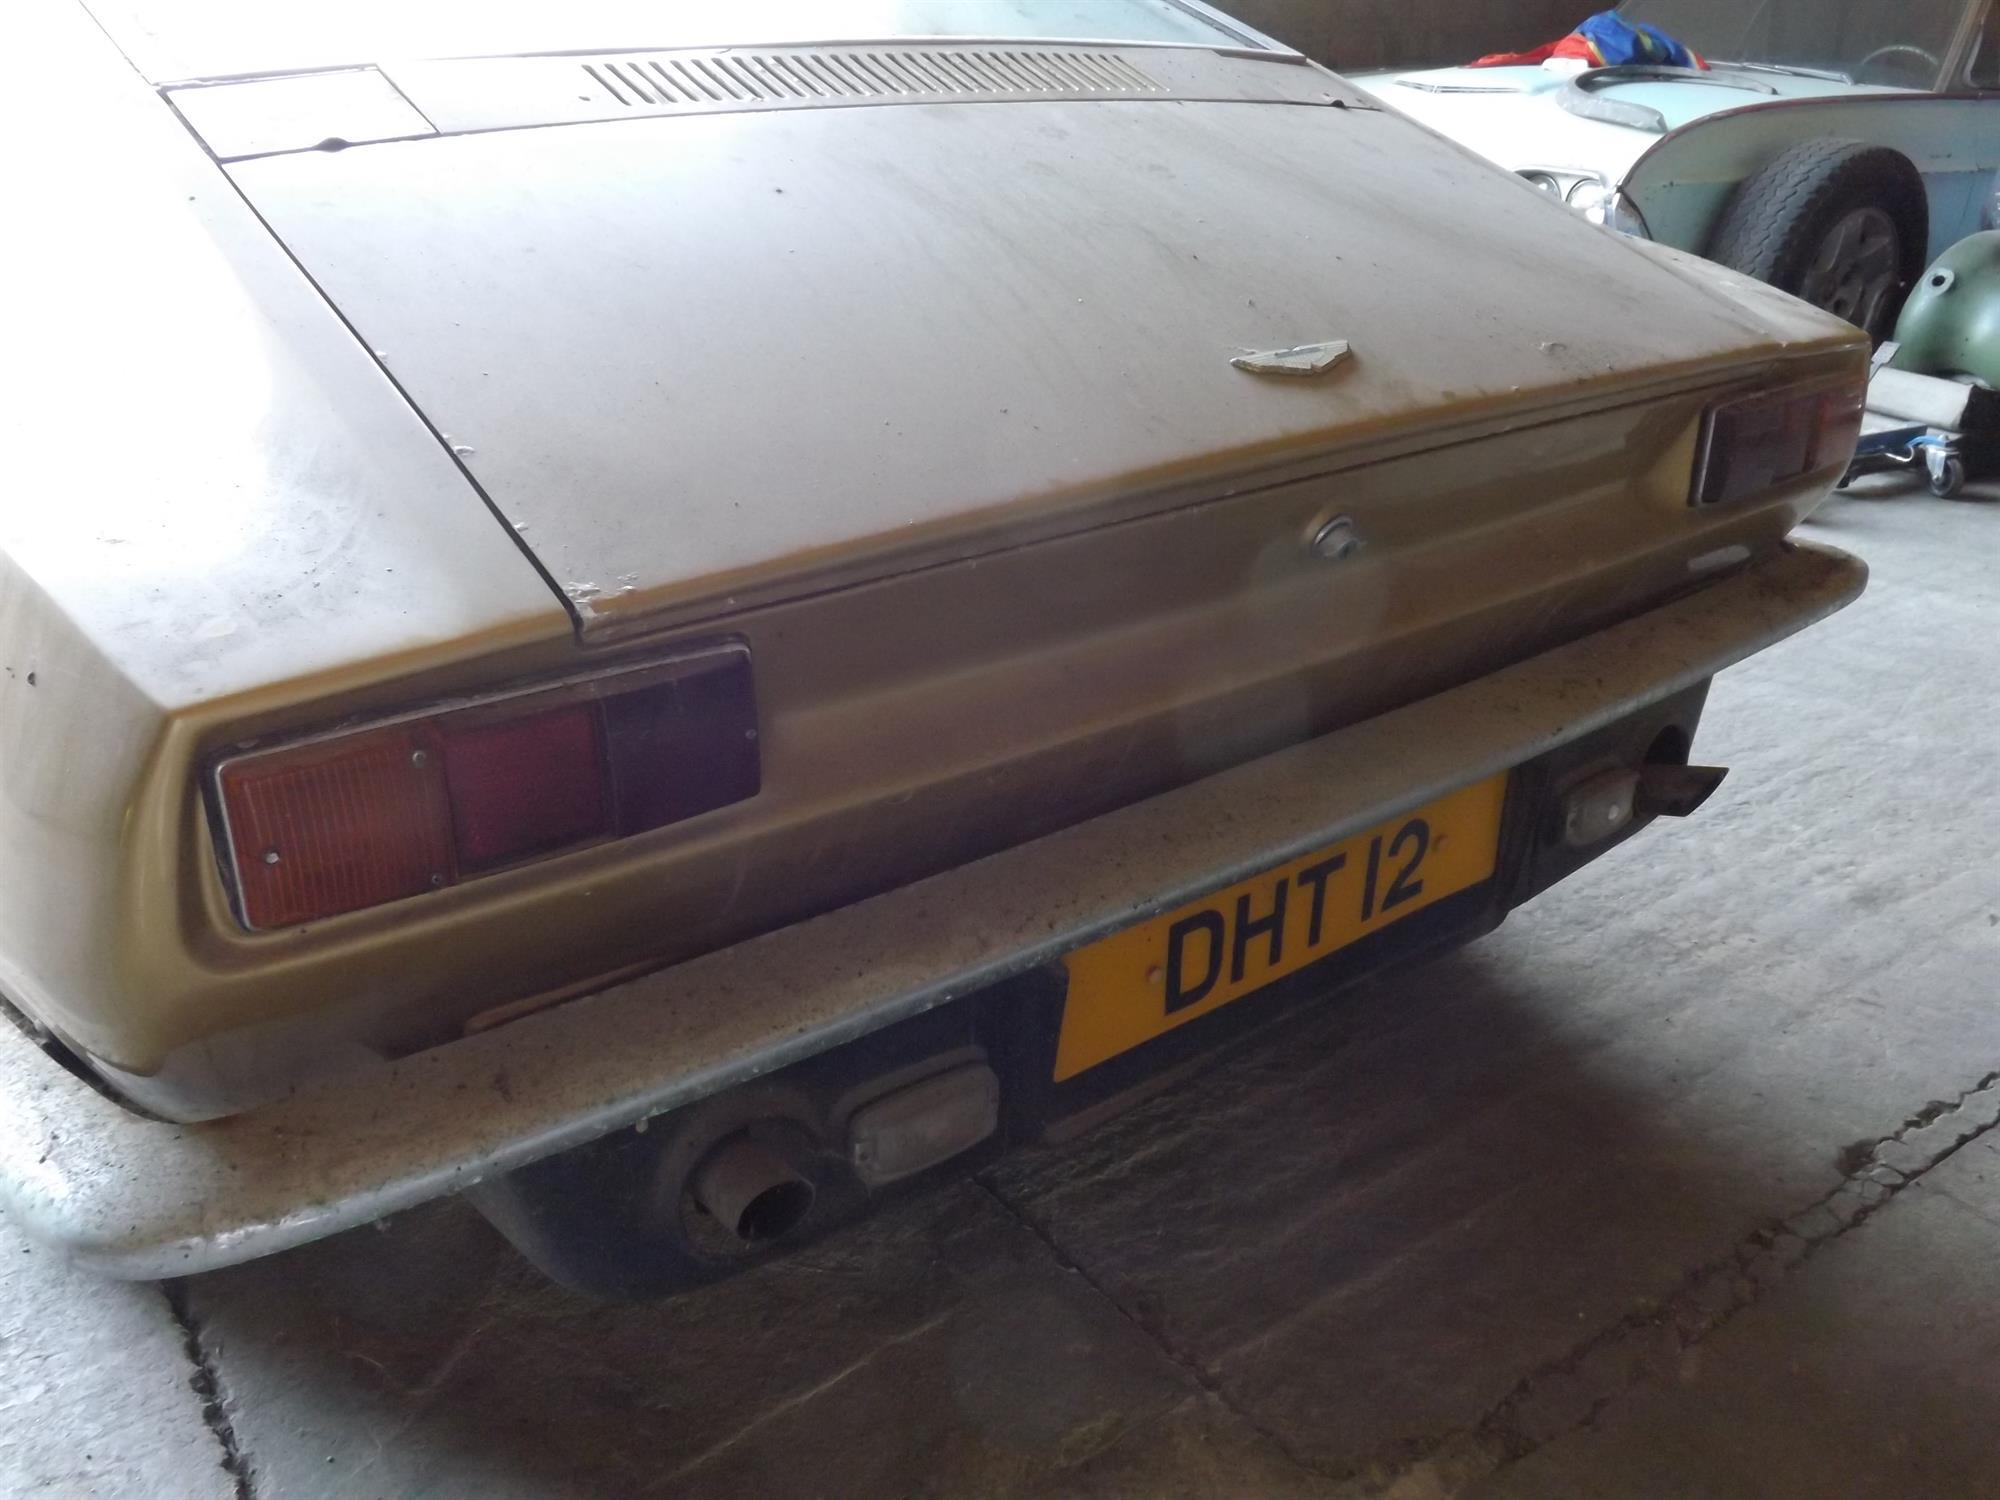 1973 Aston Martin AM V8 - Garage Find - Image 12 of 13